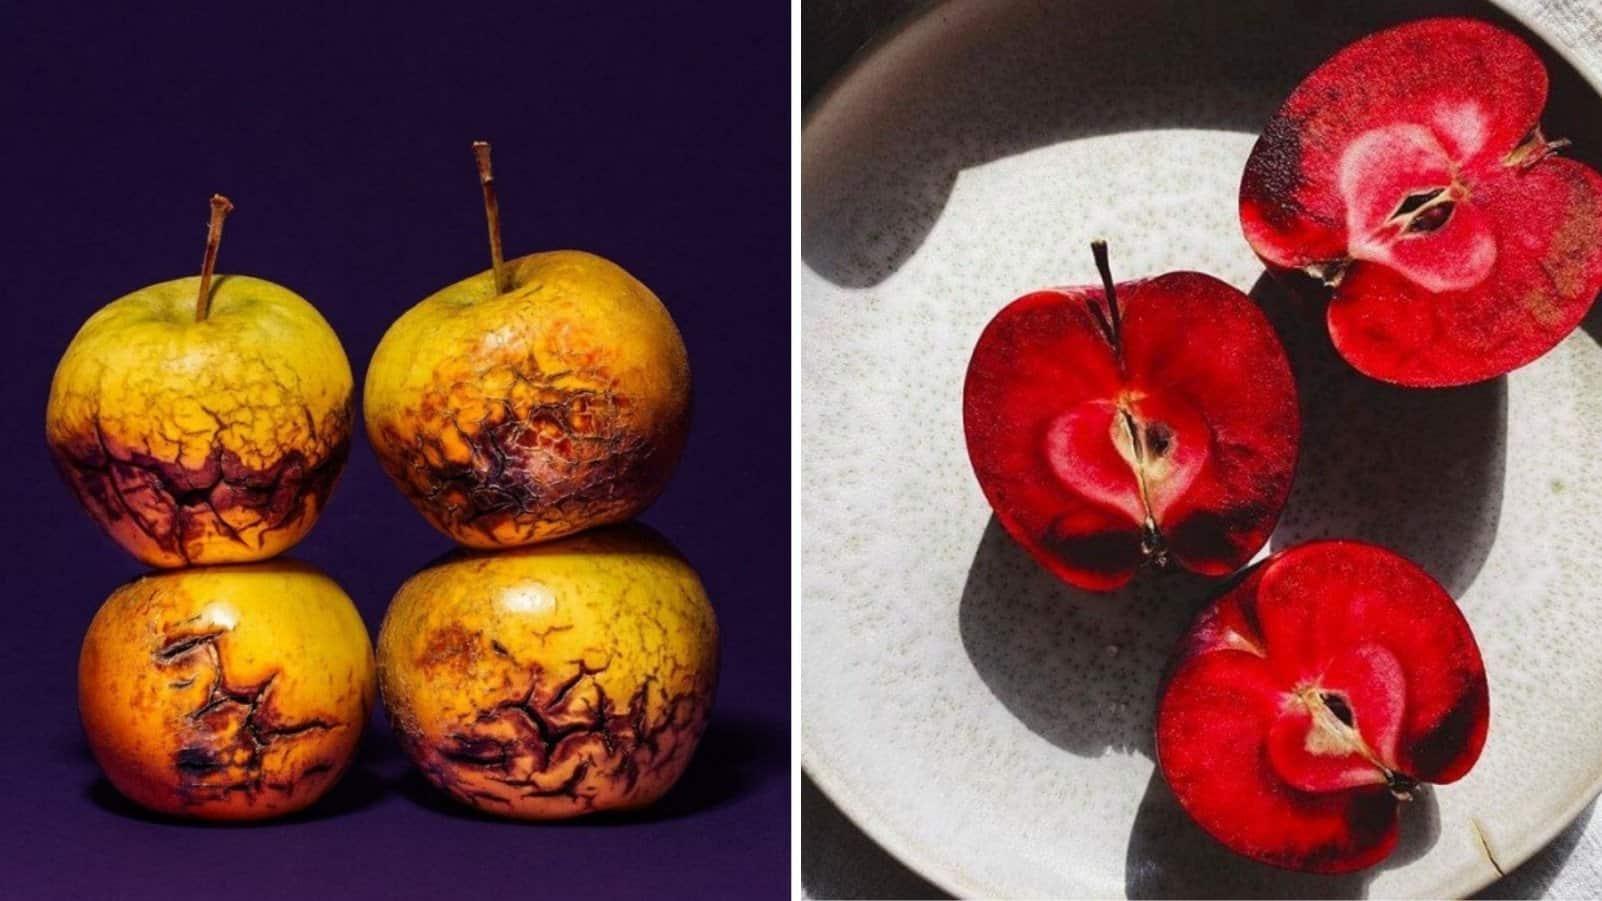 20 самых необычных сортов яблок, которые вы не пробовали